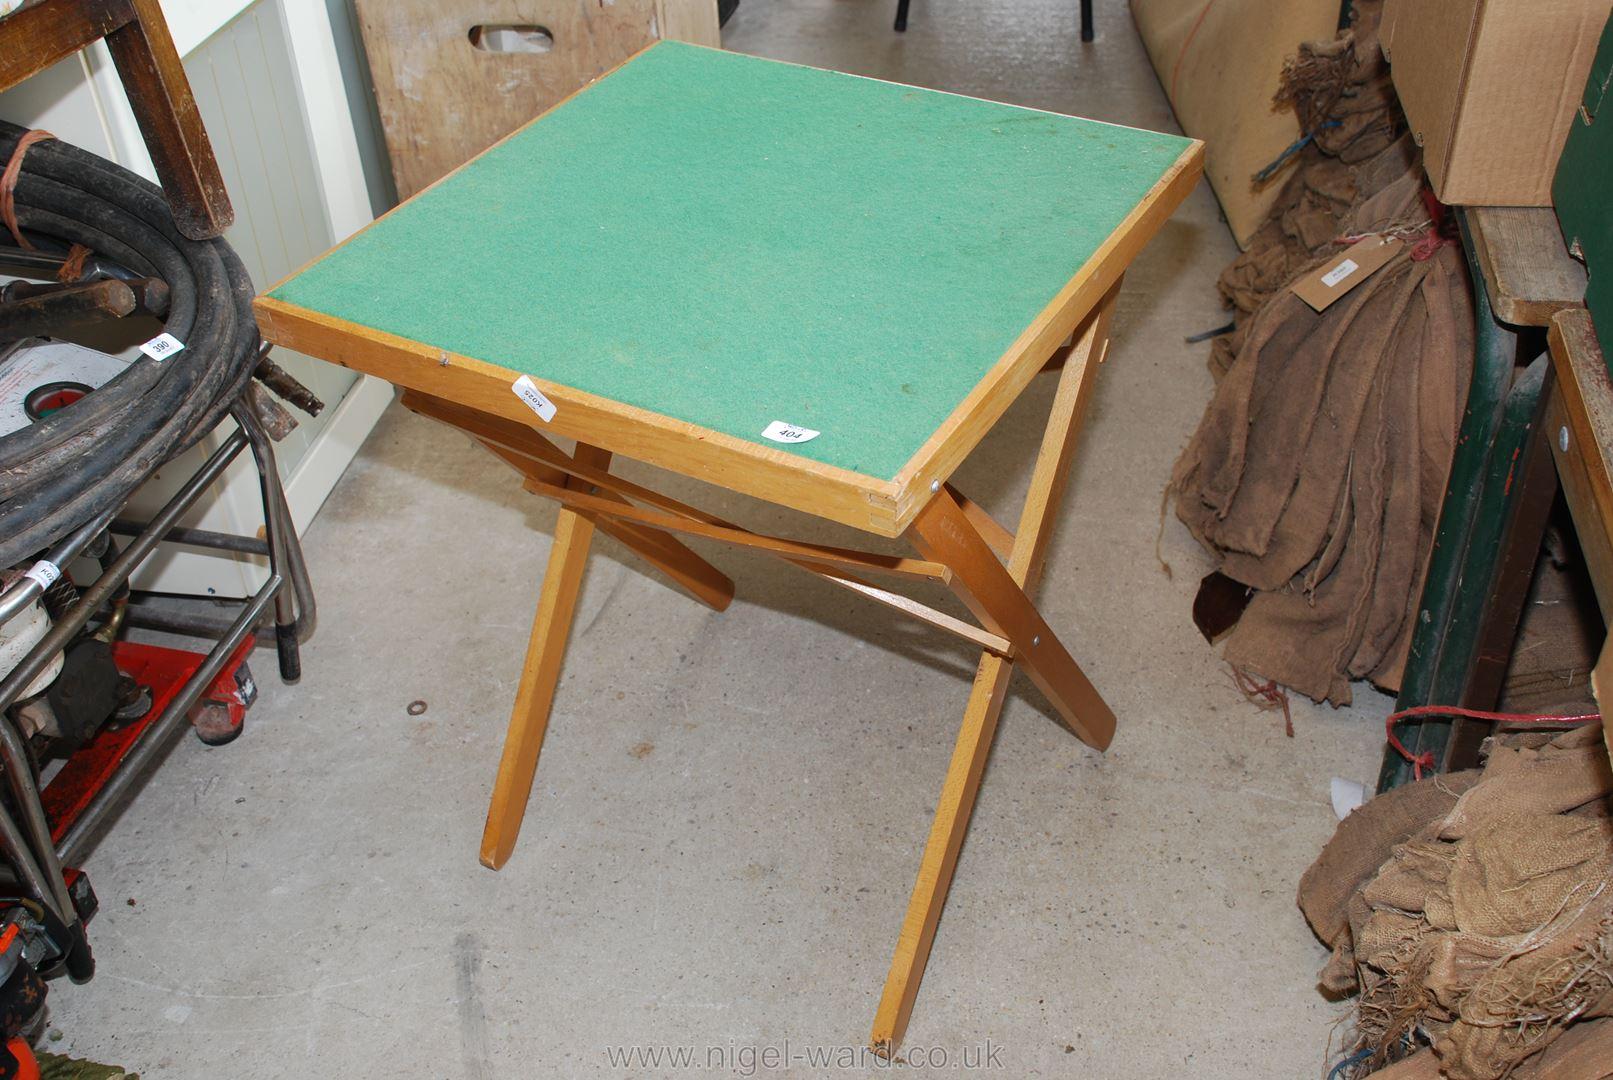 A folding Card table.